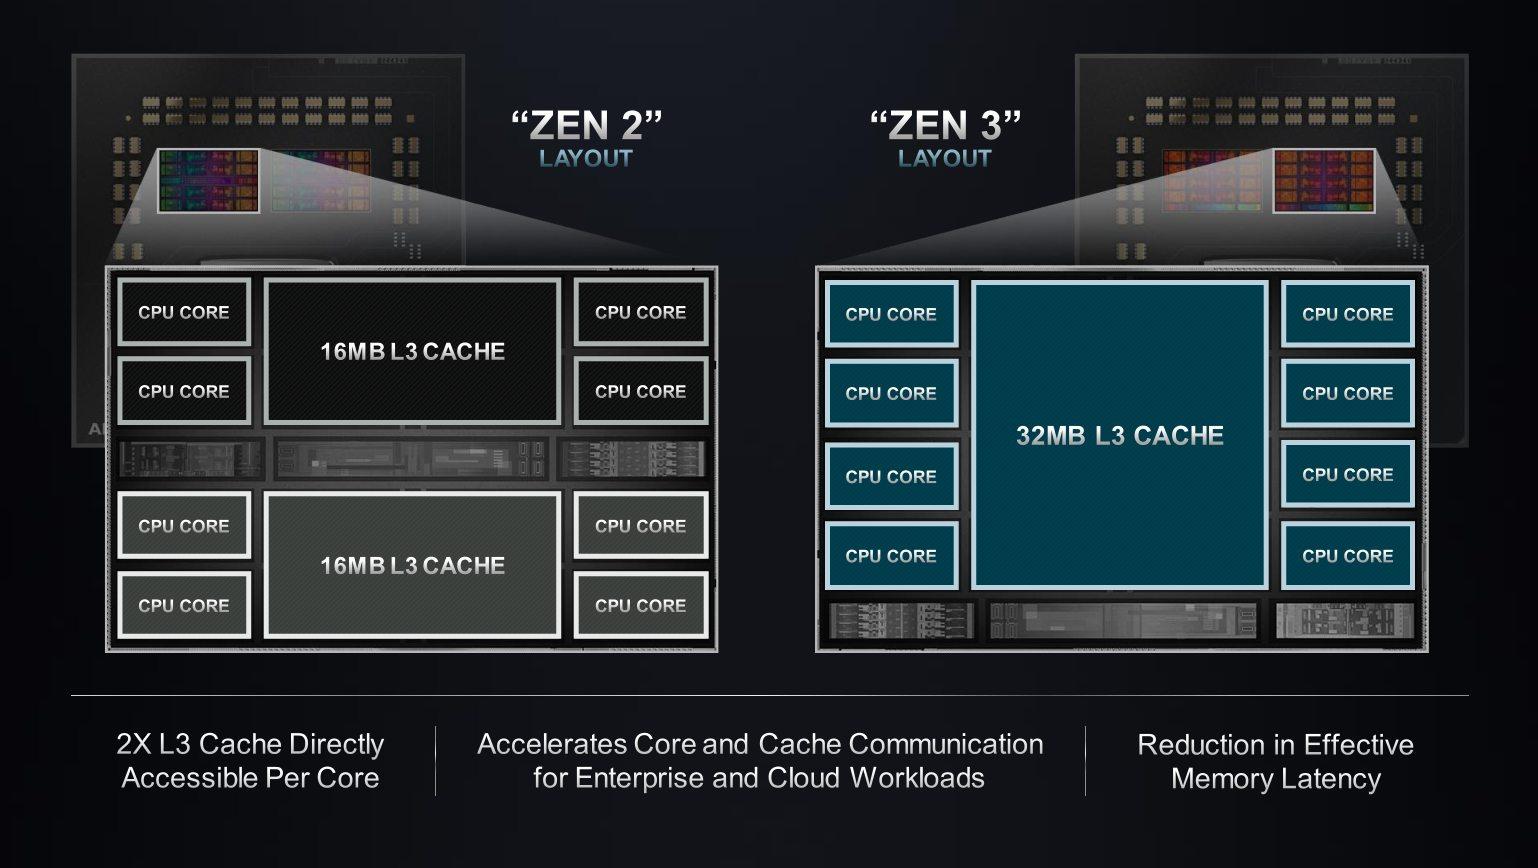 Zen 3 cache structure comparison